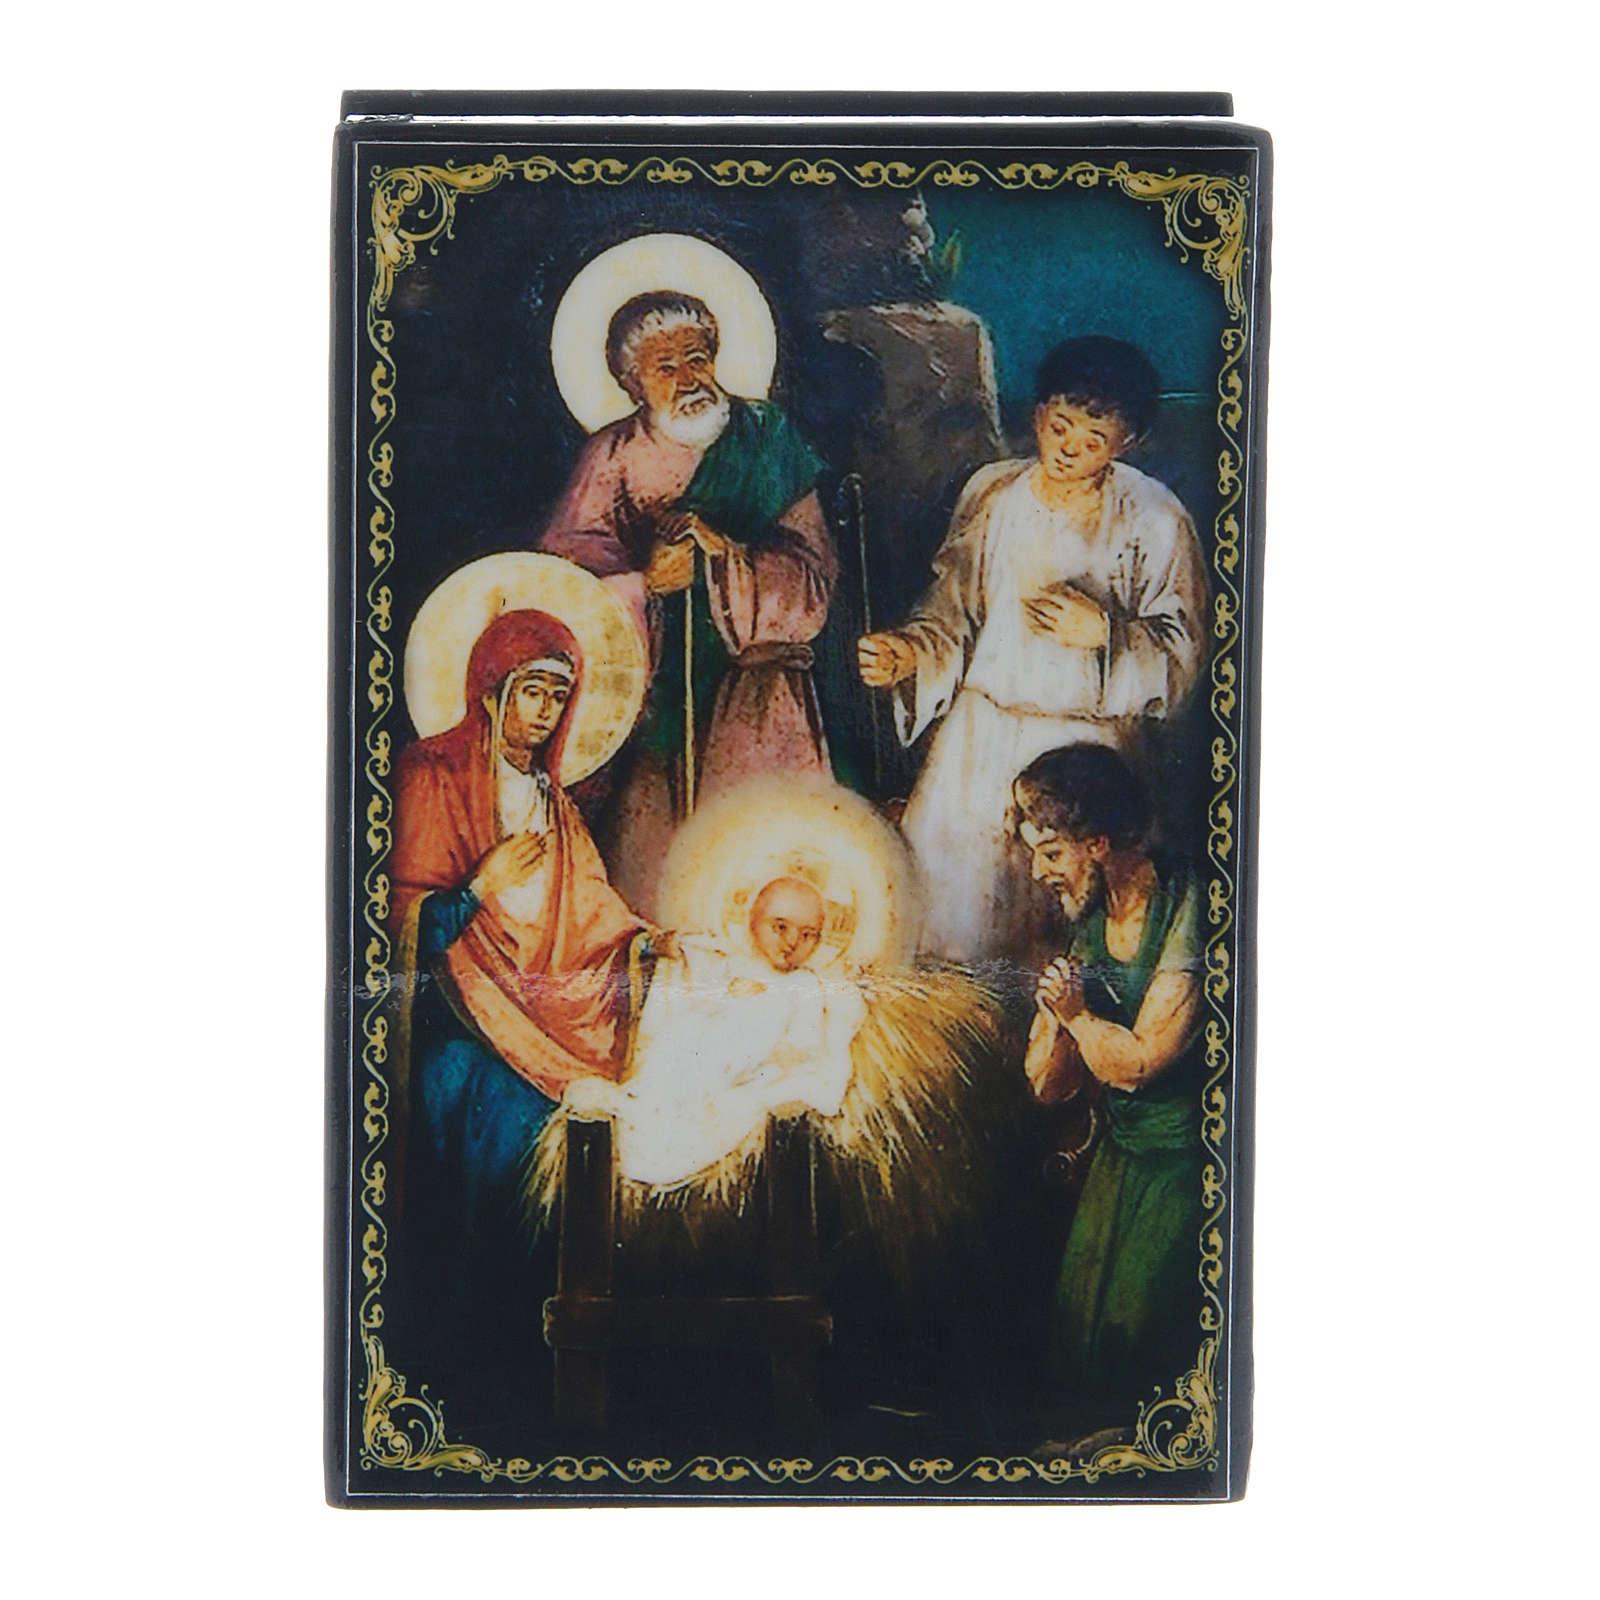 Scatola russa cartapesta La Nascita di Gesù Cristo 9X6 cm 4